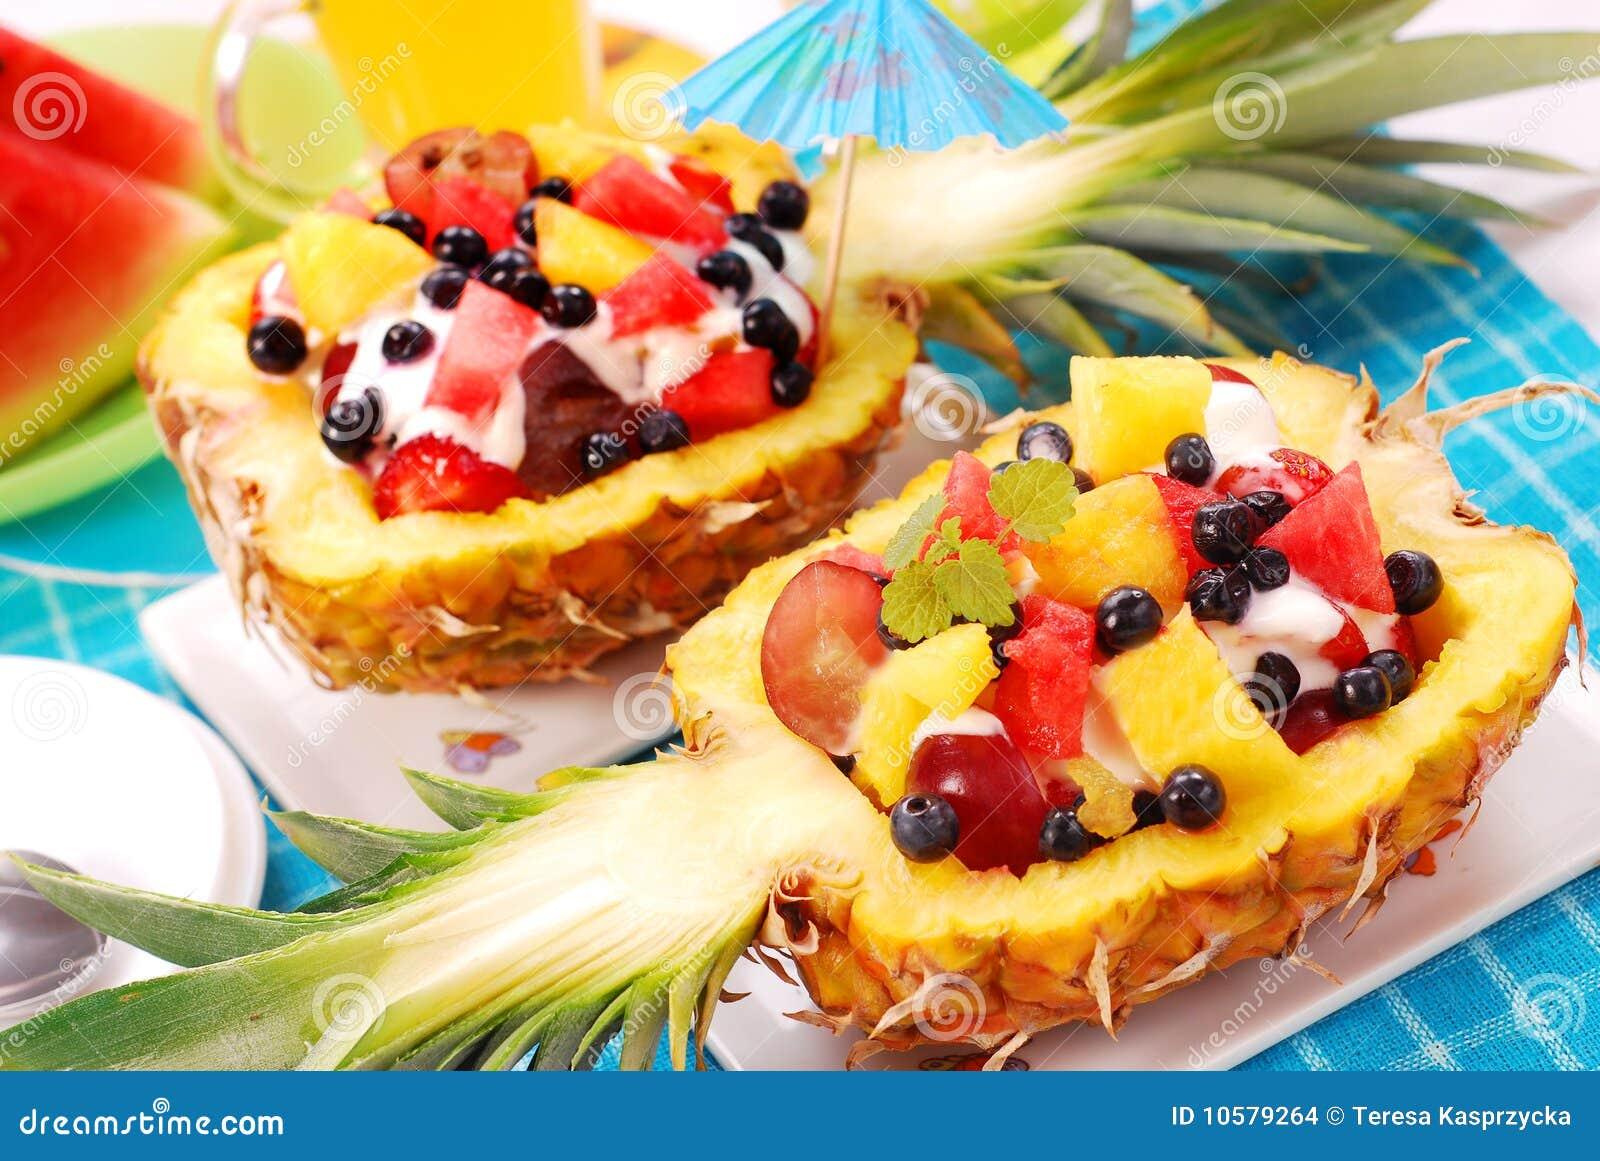 вкусные блюда для похудения в мультиварке